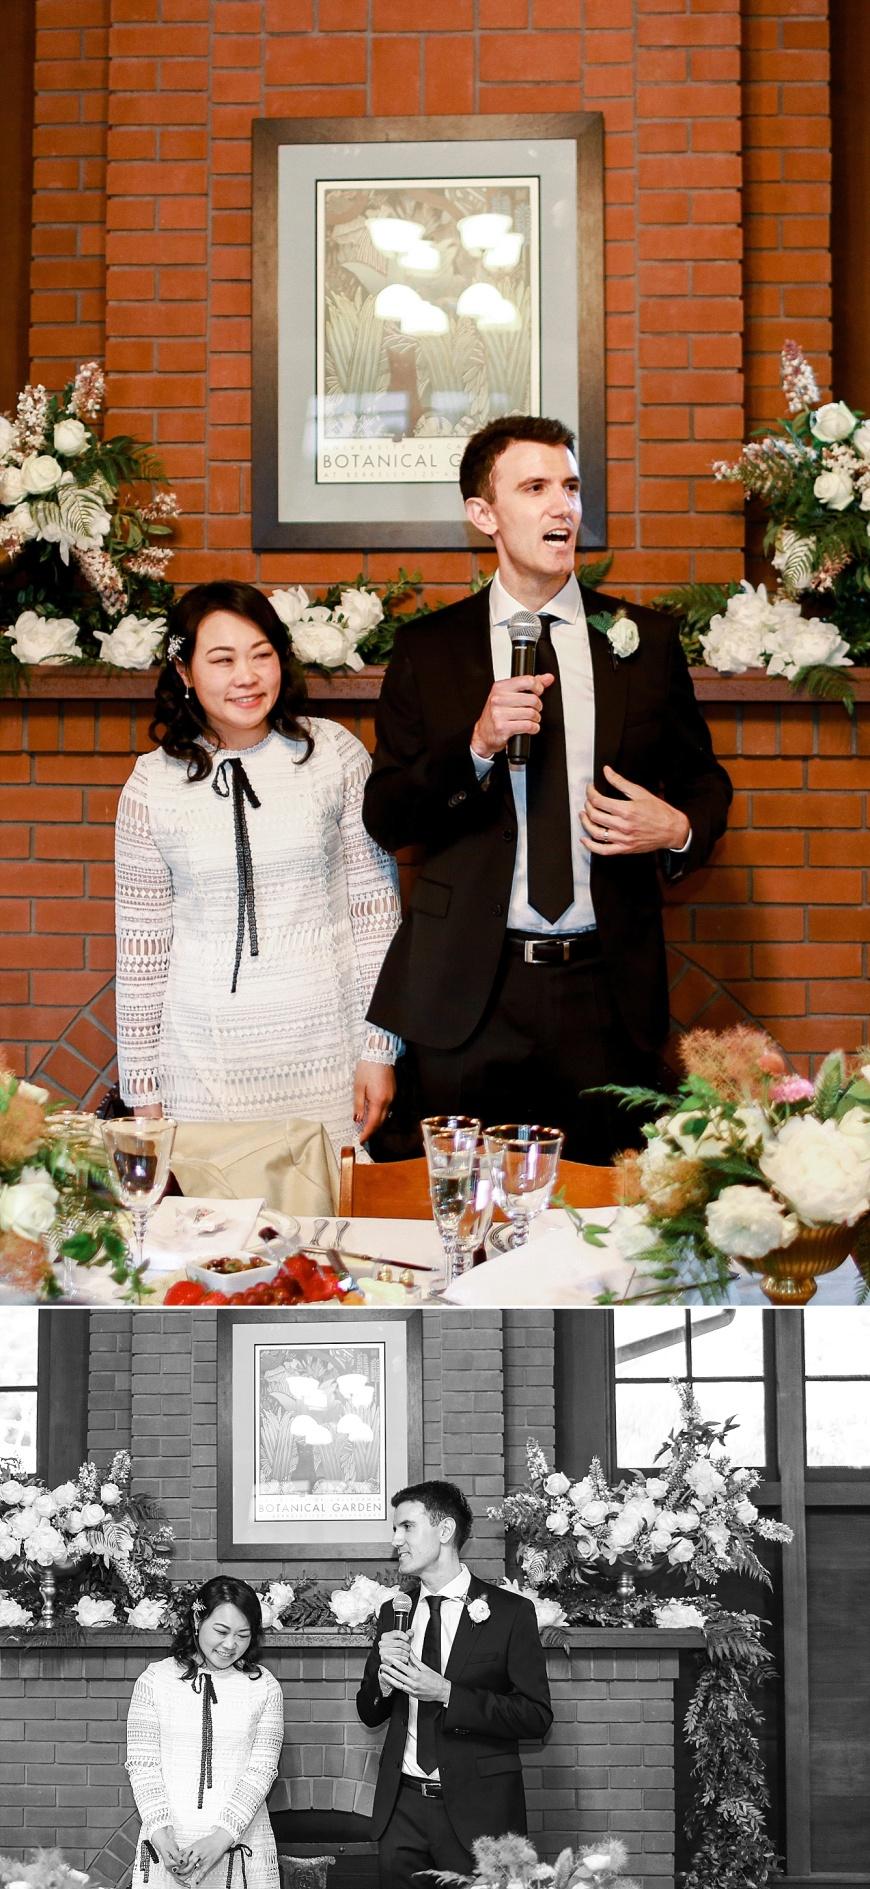 UC-Botanical-Garden-Berkeley-Wedding-Photographer_1086.jpg